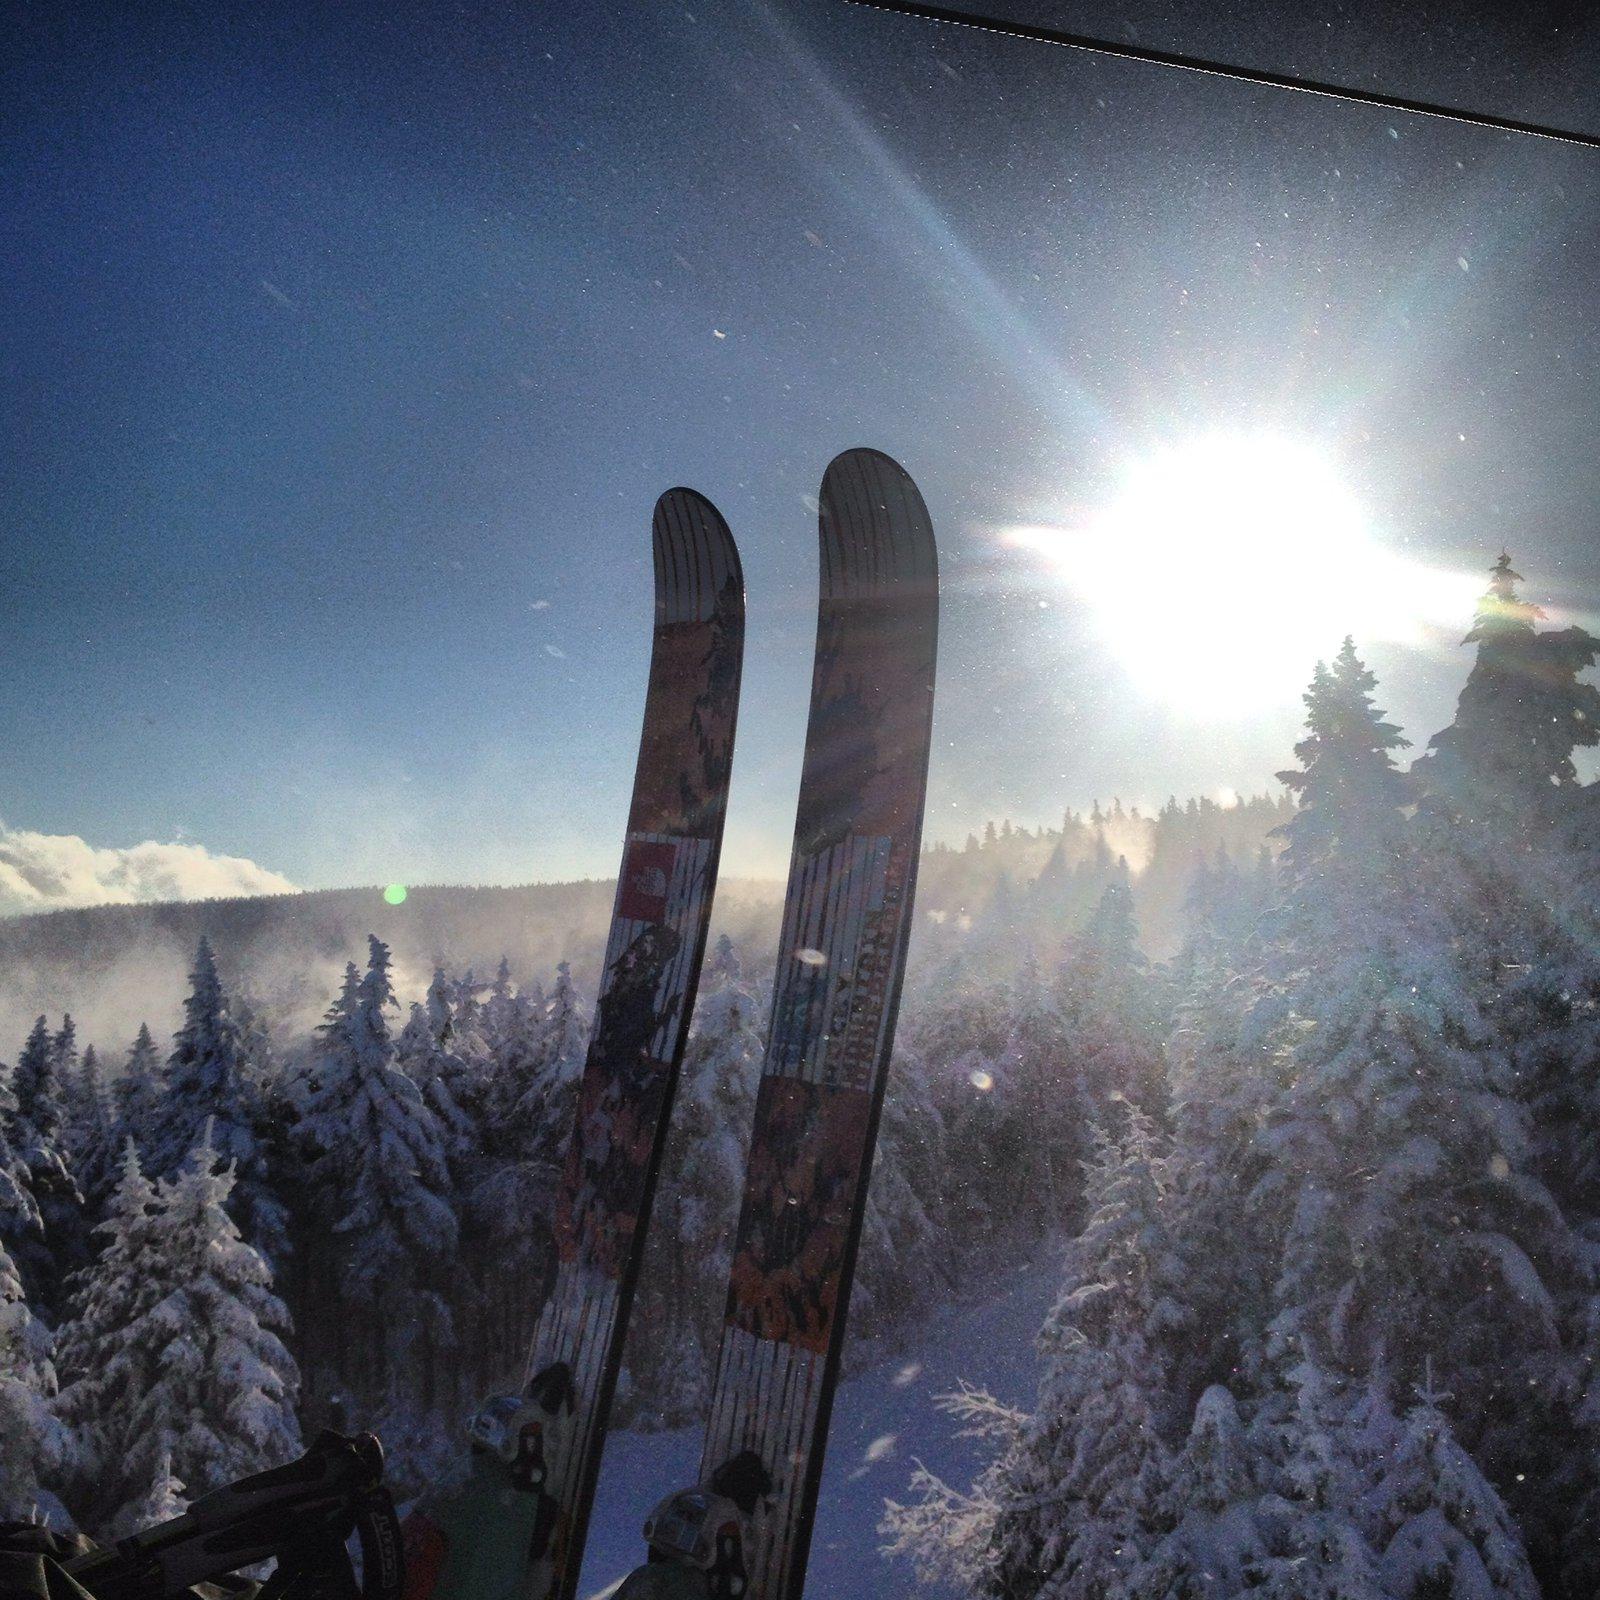 Skis and sun